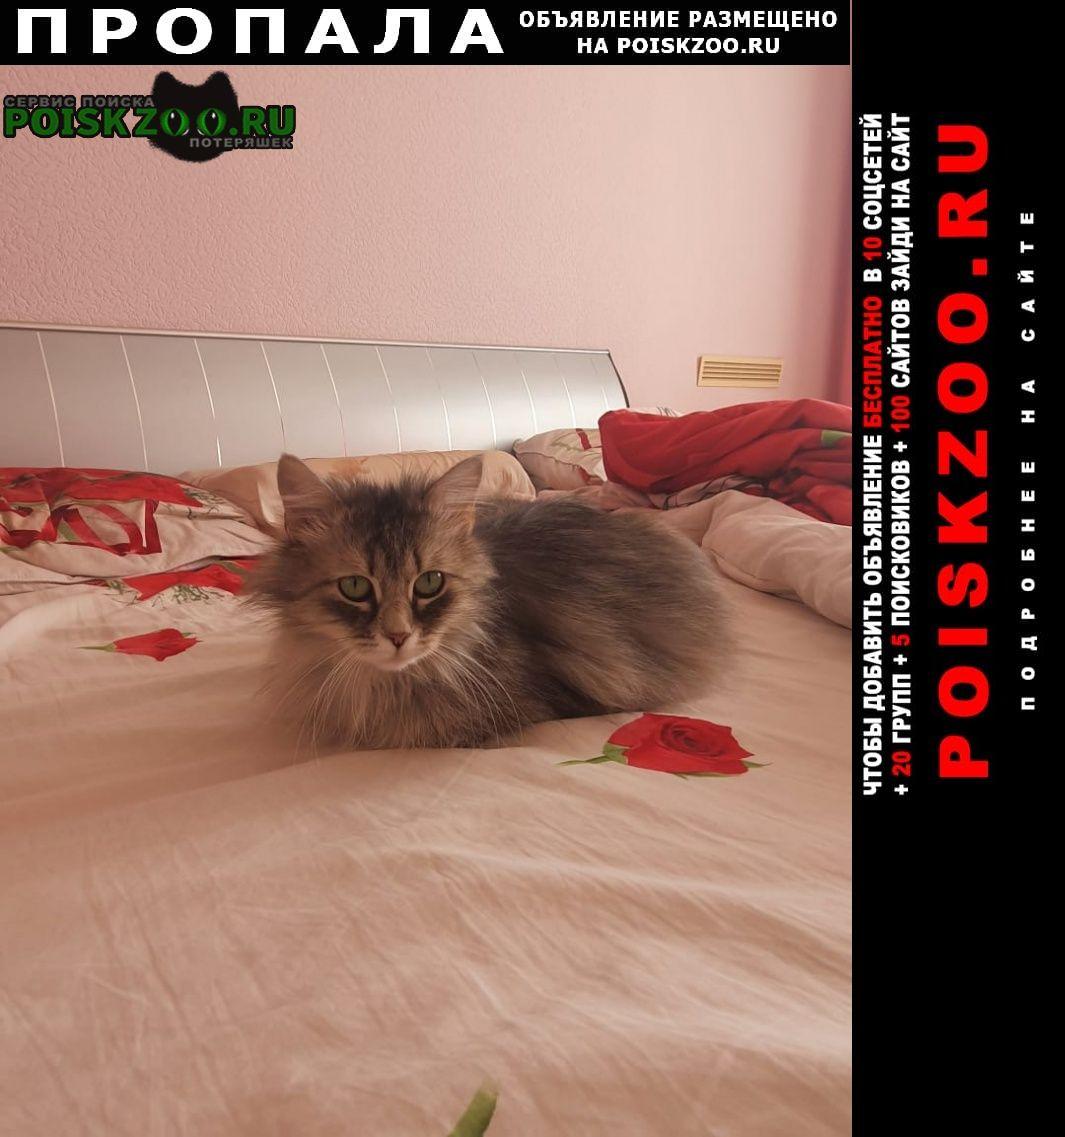 Пропала кошка на горной поляне Волгоград